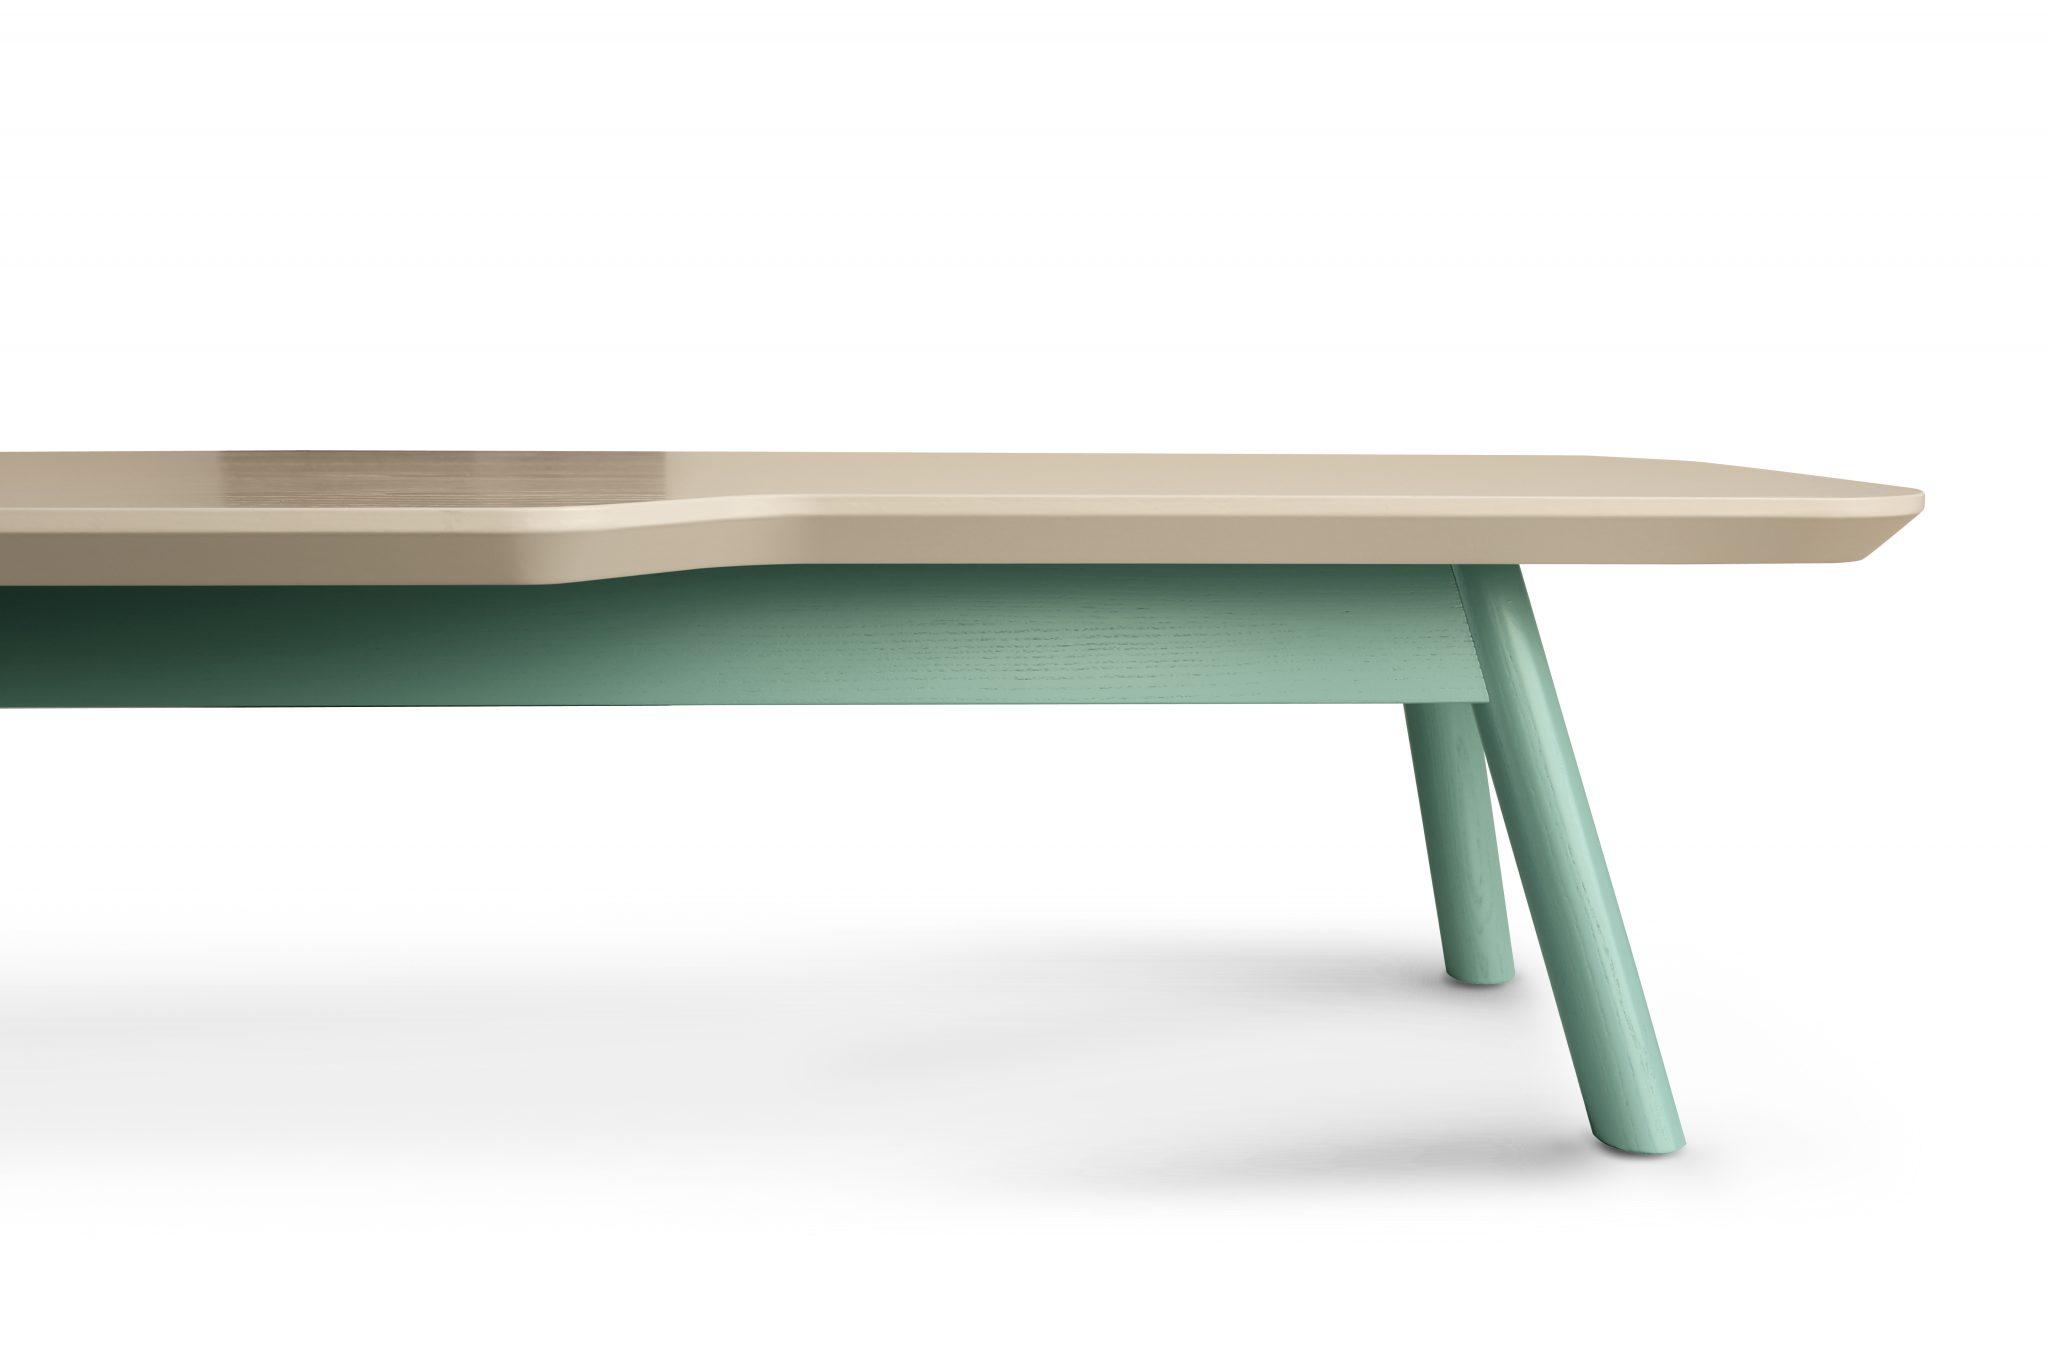 Tavolino AKY SMALL TABLE